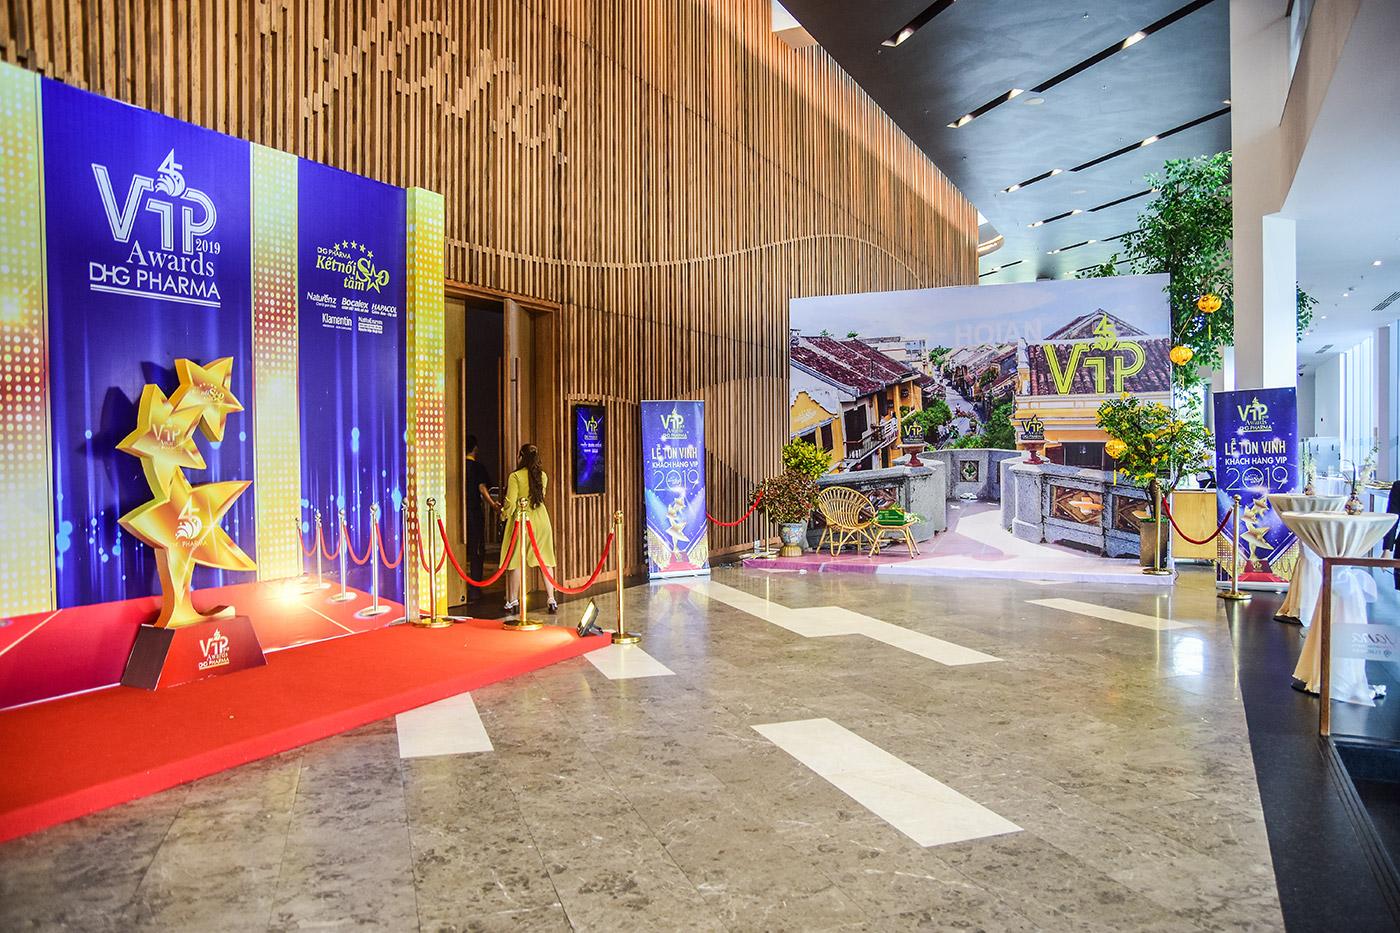 DHG PHARMA VIP AWARDS 2019